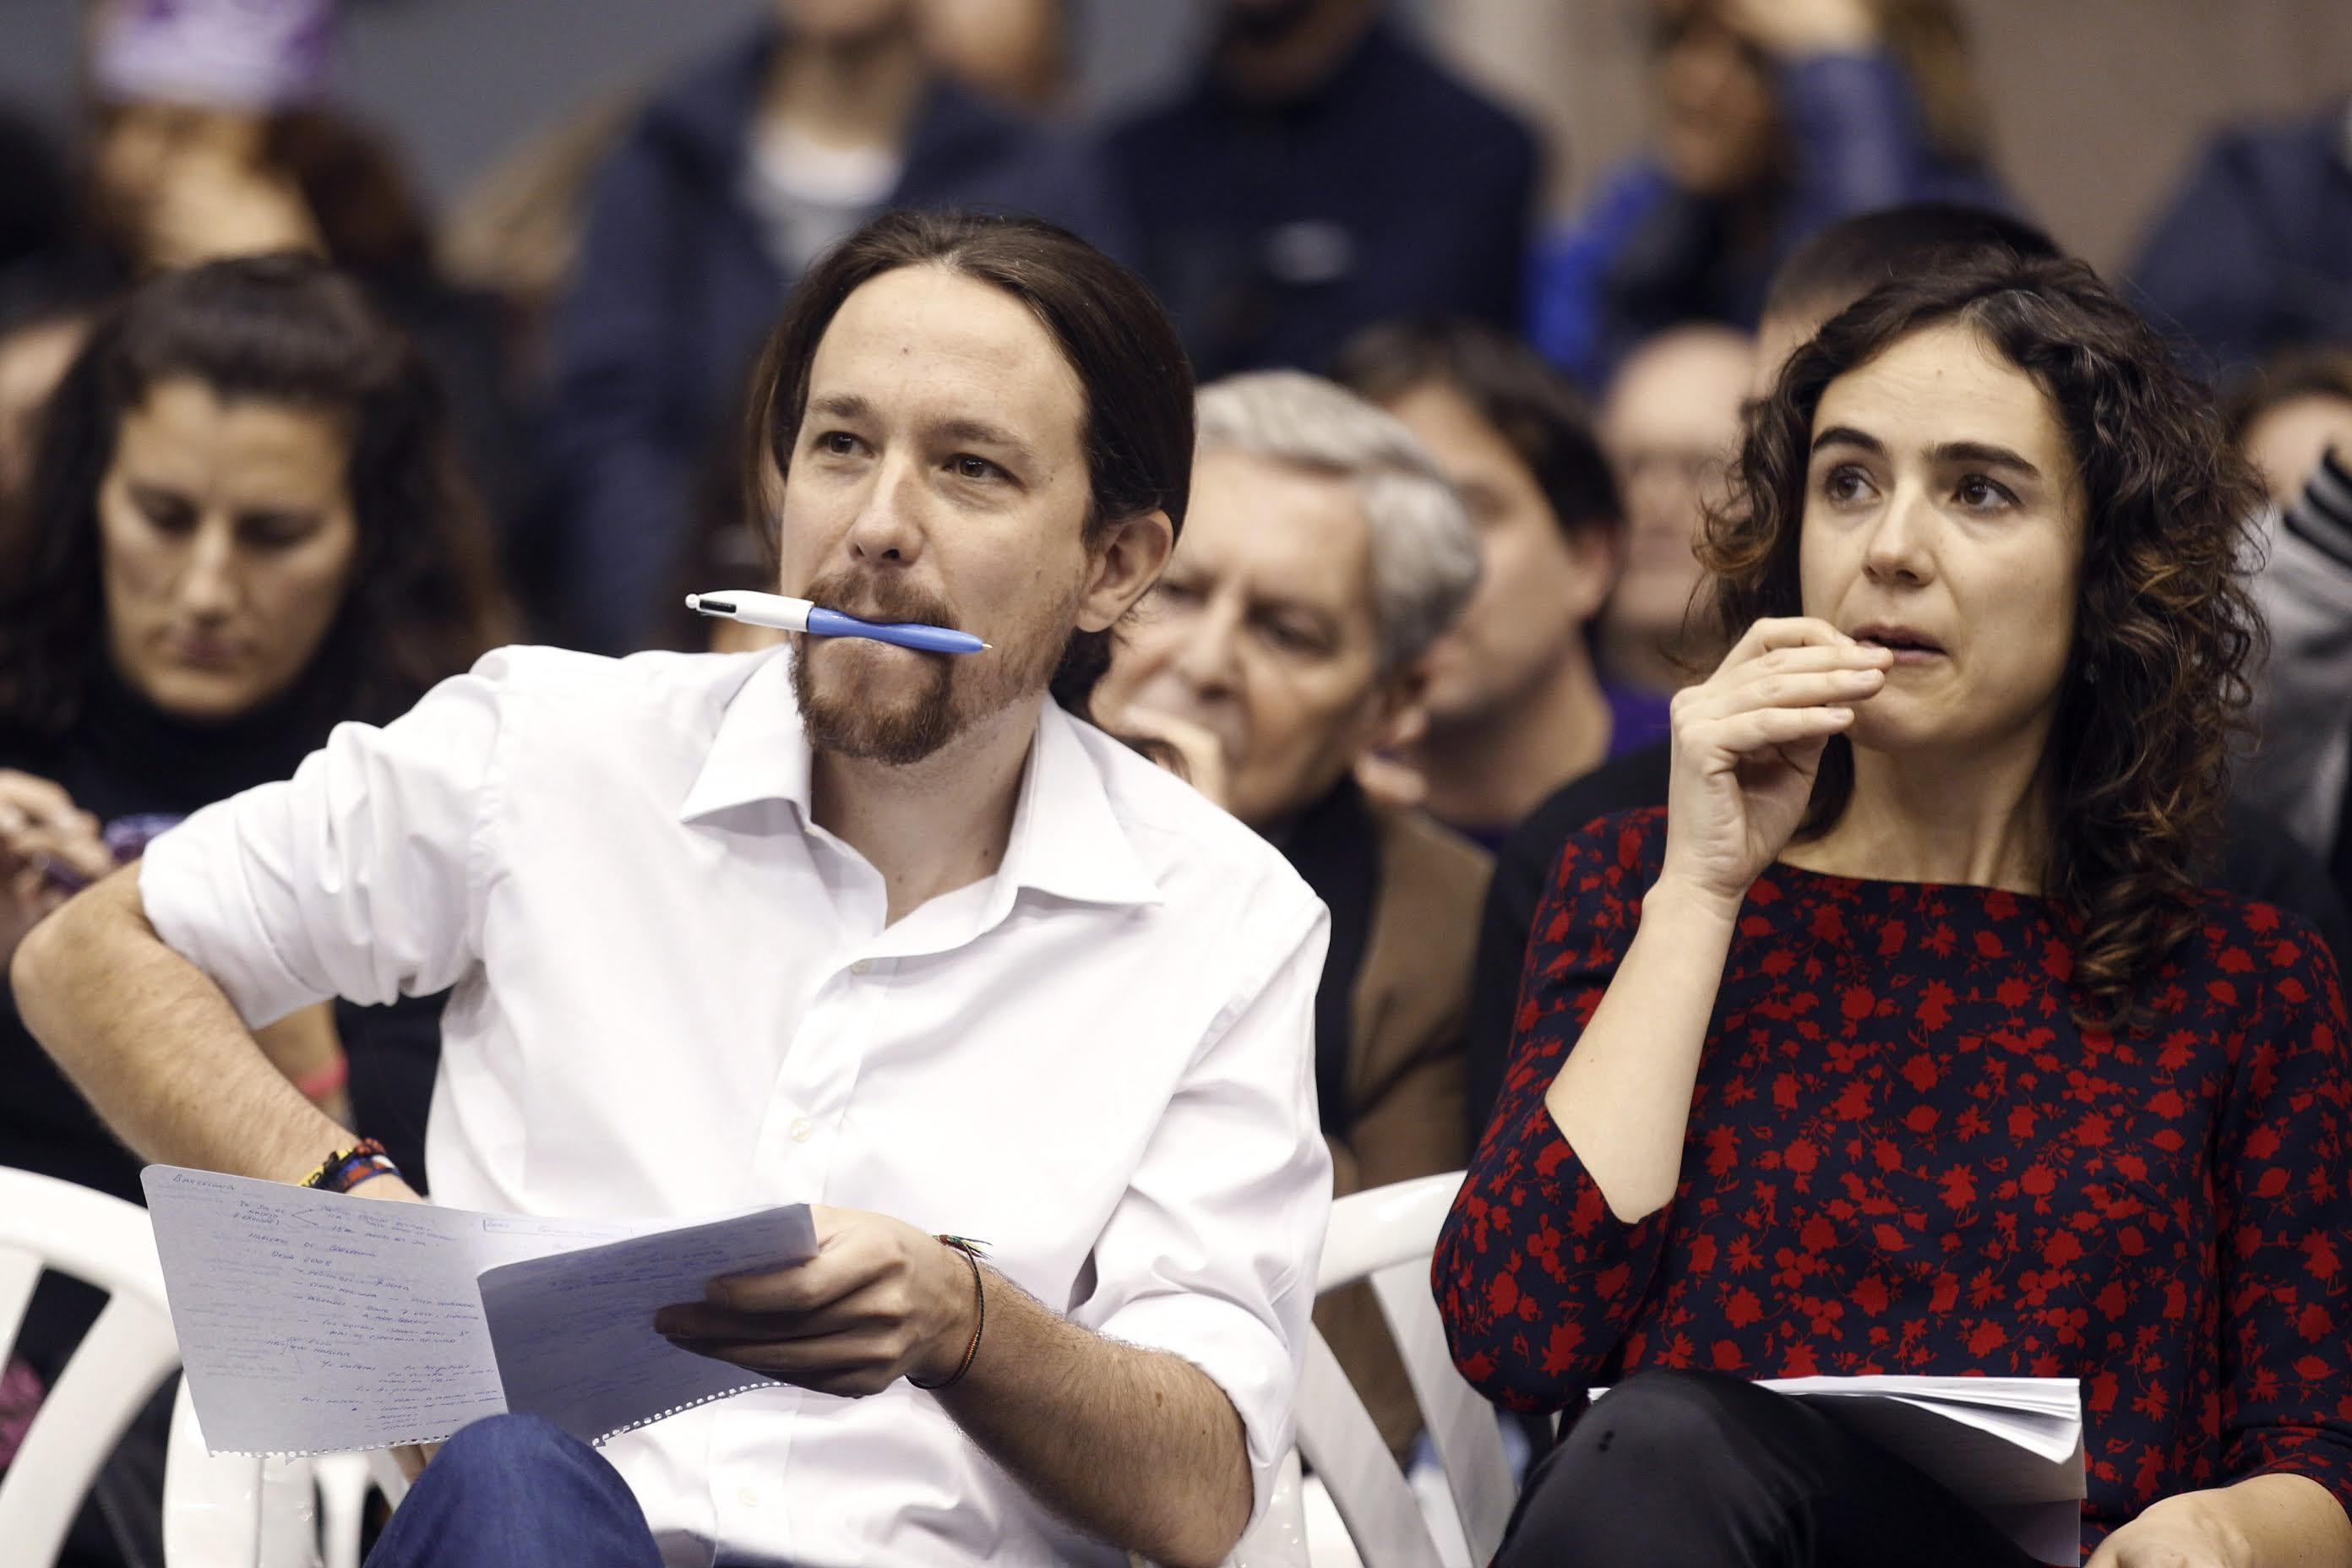 Pablo Iglesias y Gemma Usabart en un acto de Podemos (Foto: Efe)